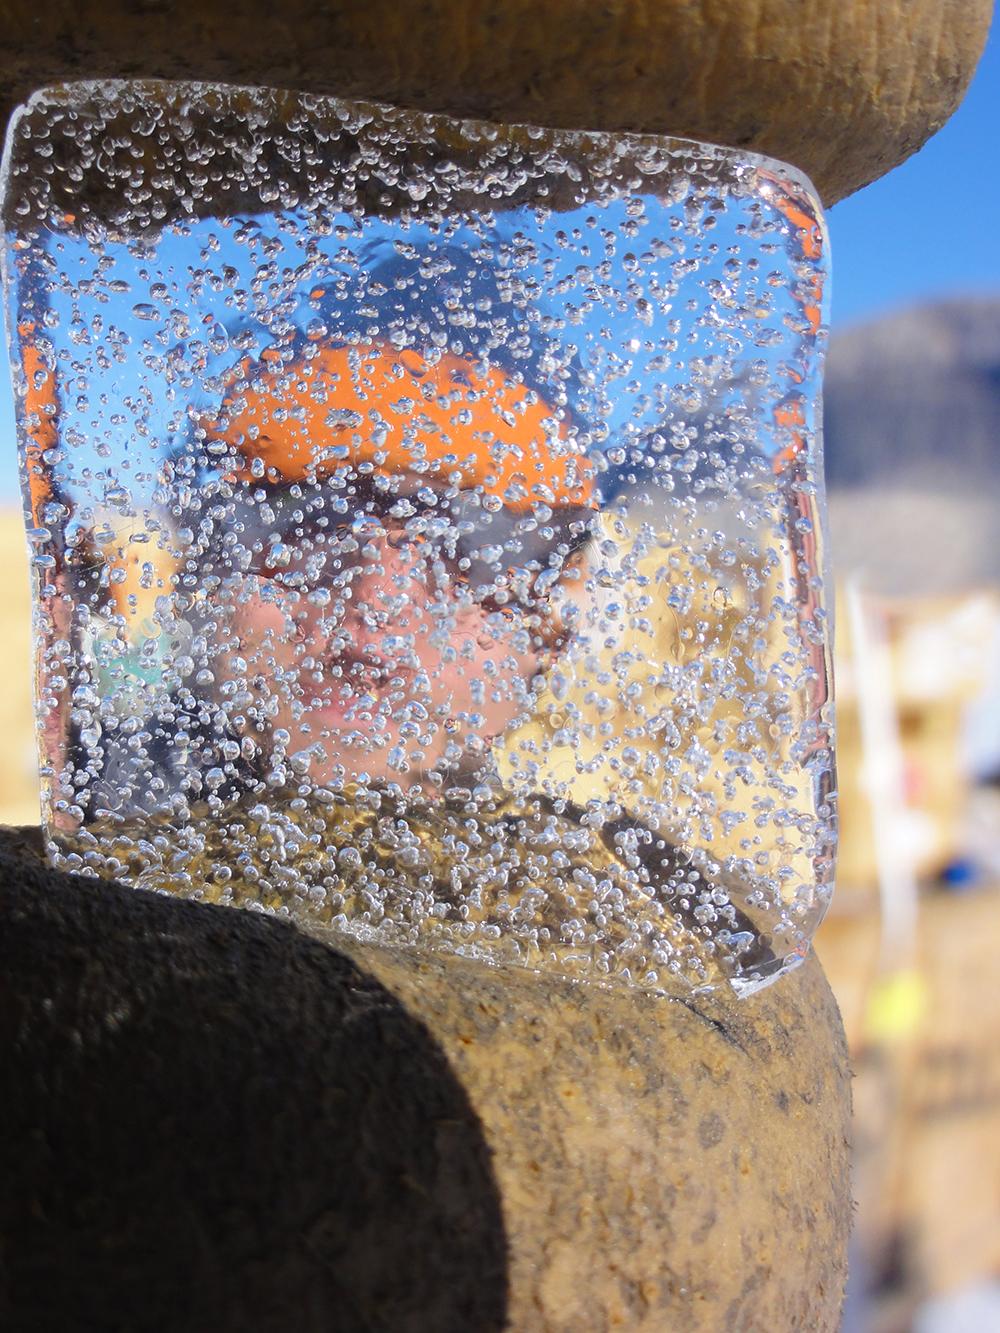 Das Eis des Taylor-Gletschers in der Antarktis enthält Luftblasen, die dort bereits seit Tausenden von Jahren festsitzen. Mit diesem Bild gewann Bernhard Bereiter ausserdem den SNF Bilderwettbewerb 2017.